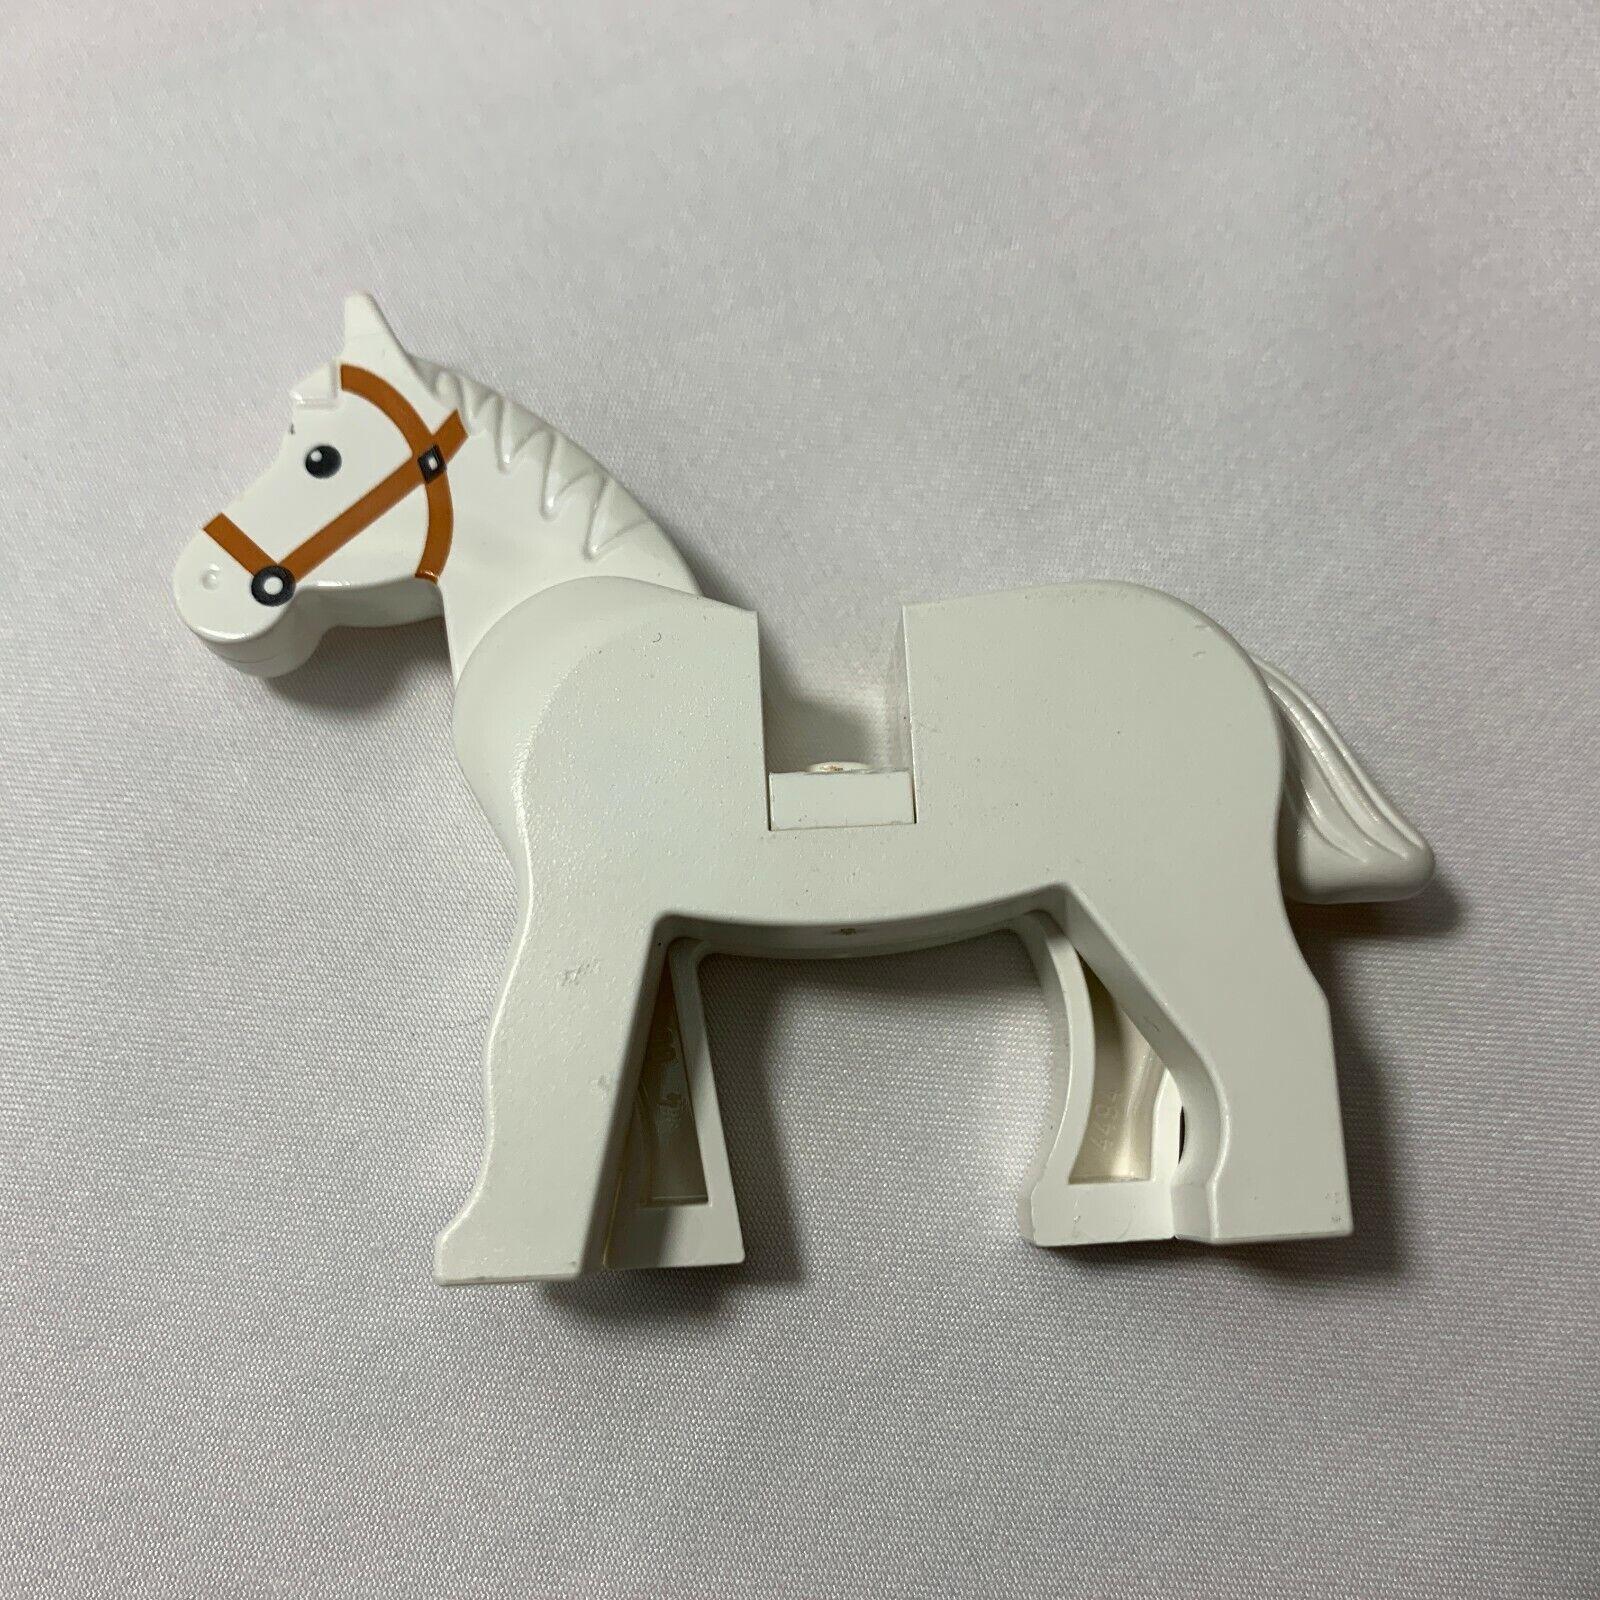 LEGO 4493 BROWN HORSE BLK EYES WHITE PUPILS /& DARK ORANGE BRIDLE PATTERN x 1